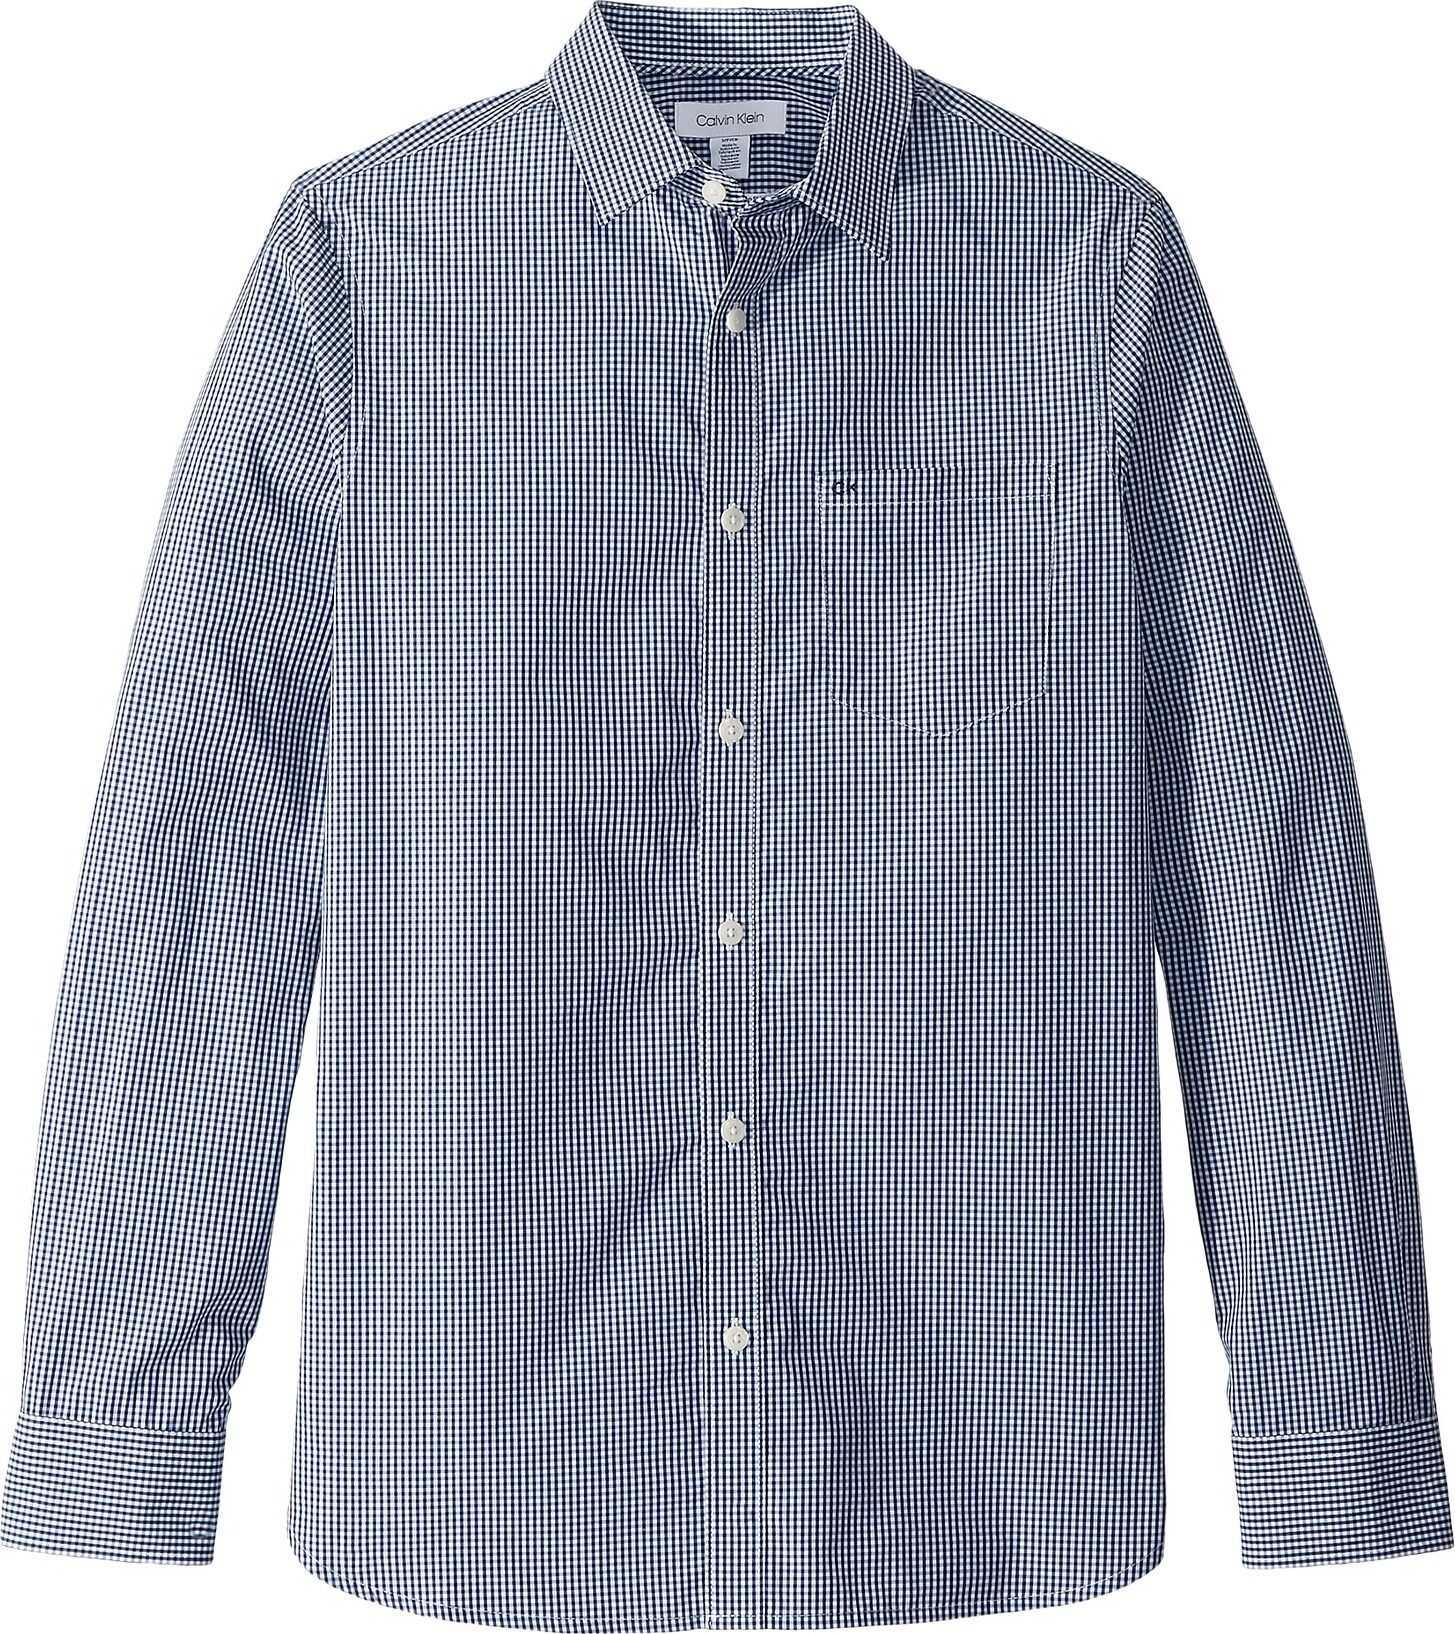 Calvin Klein The Extra-Fine Cotton Shirt Royal Navy